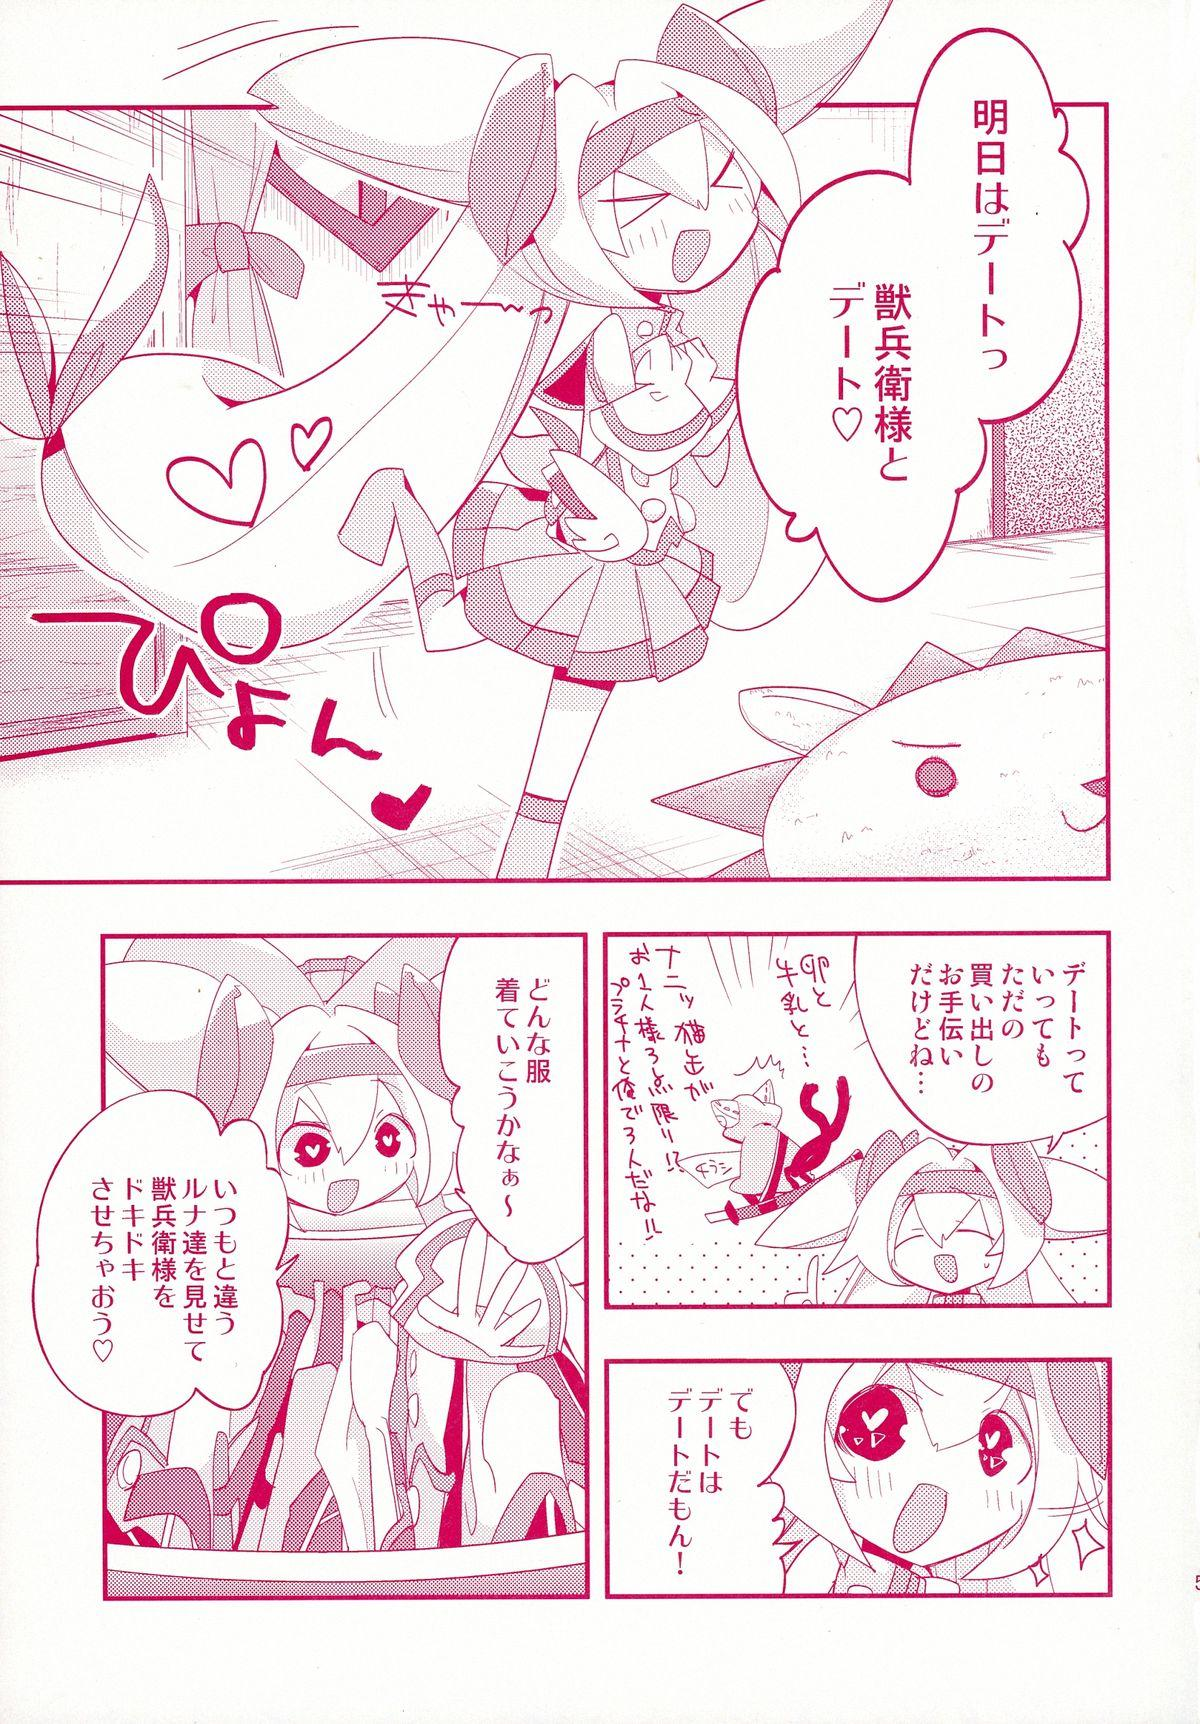 Luna to Sena no Hitori de Dekirumon! 4